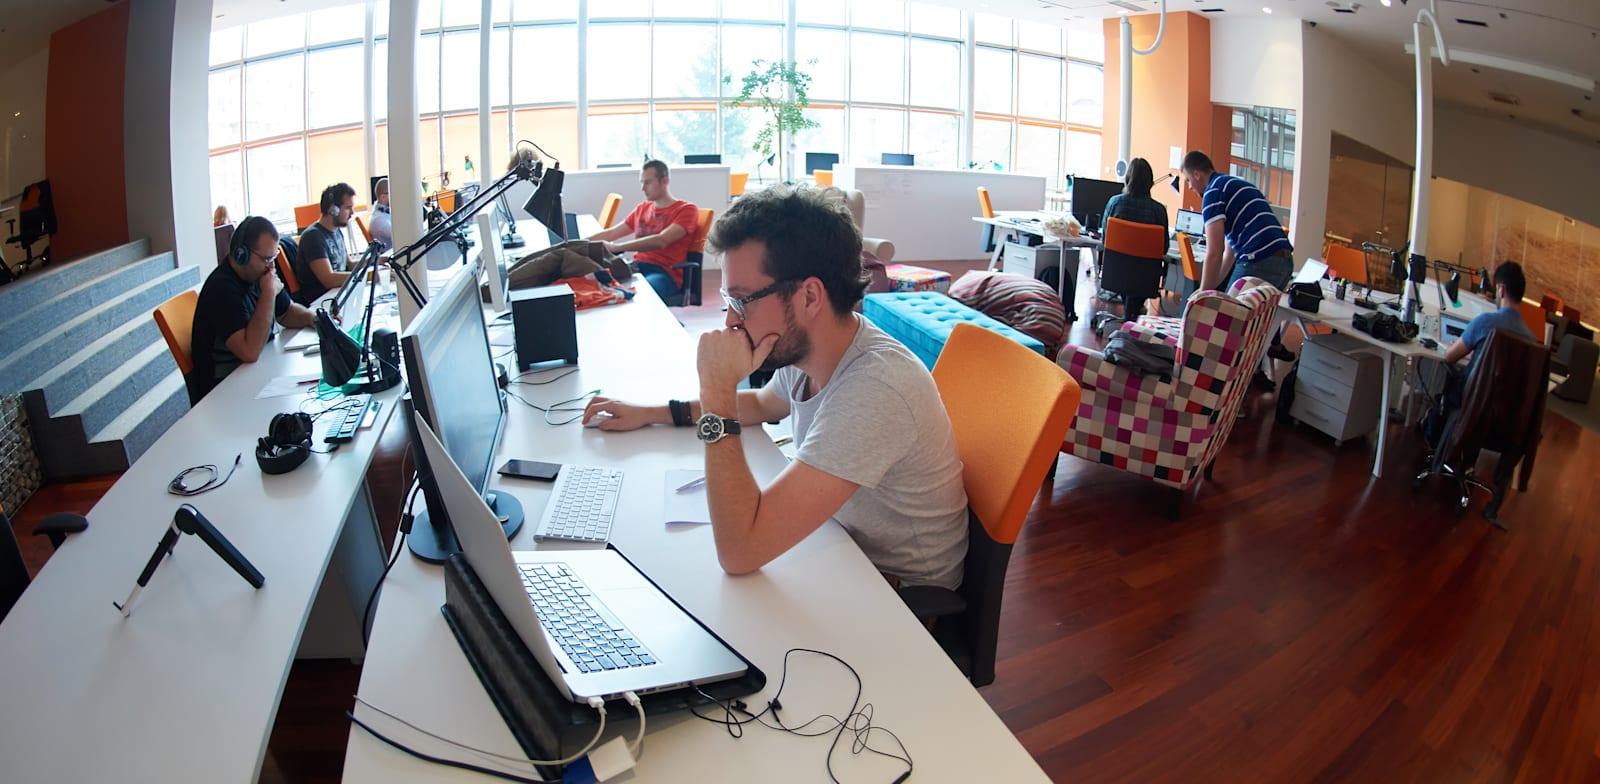 חברות סטארט-אפ יוצרות אקוסיסטם שלם של שירותים תומכים שנשענים עליהן / צילום: Shutterstock, dotshock